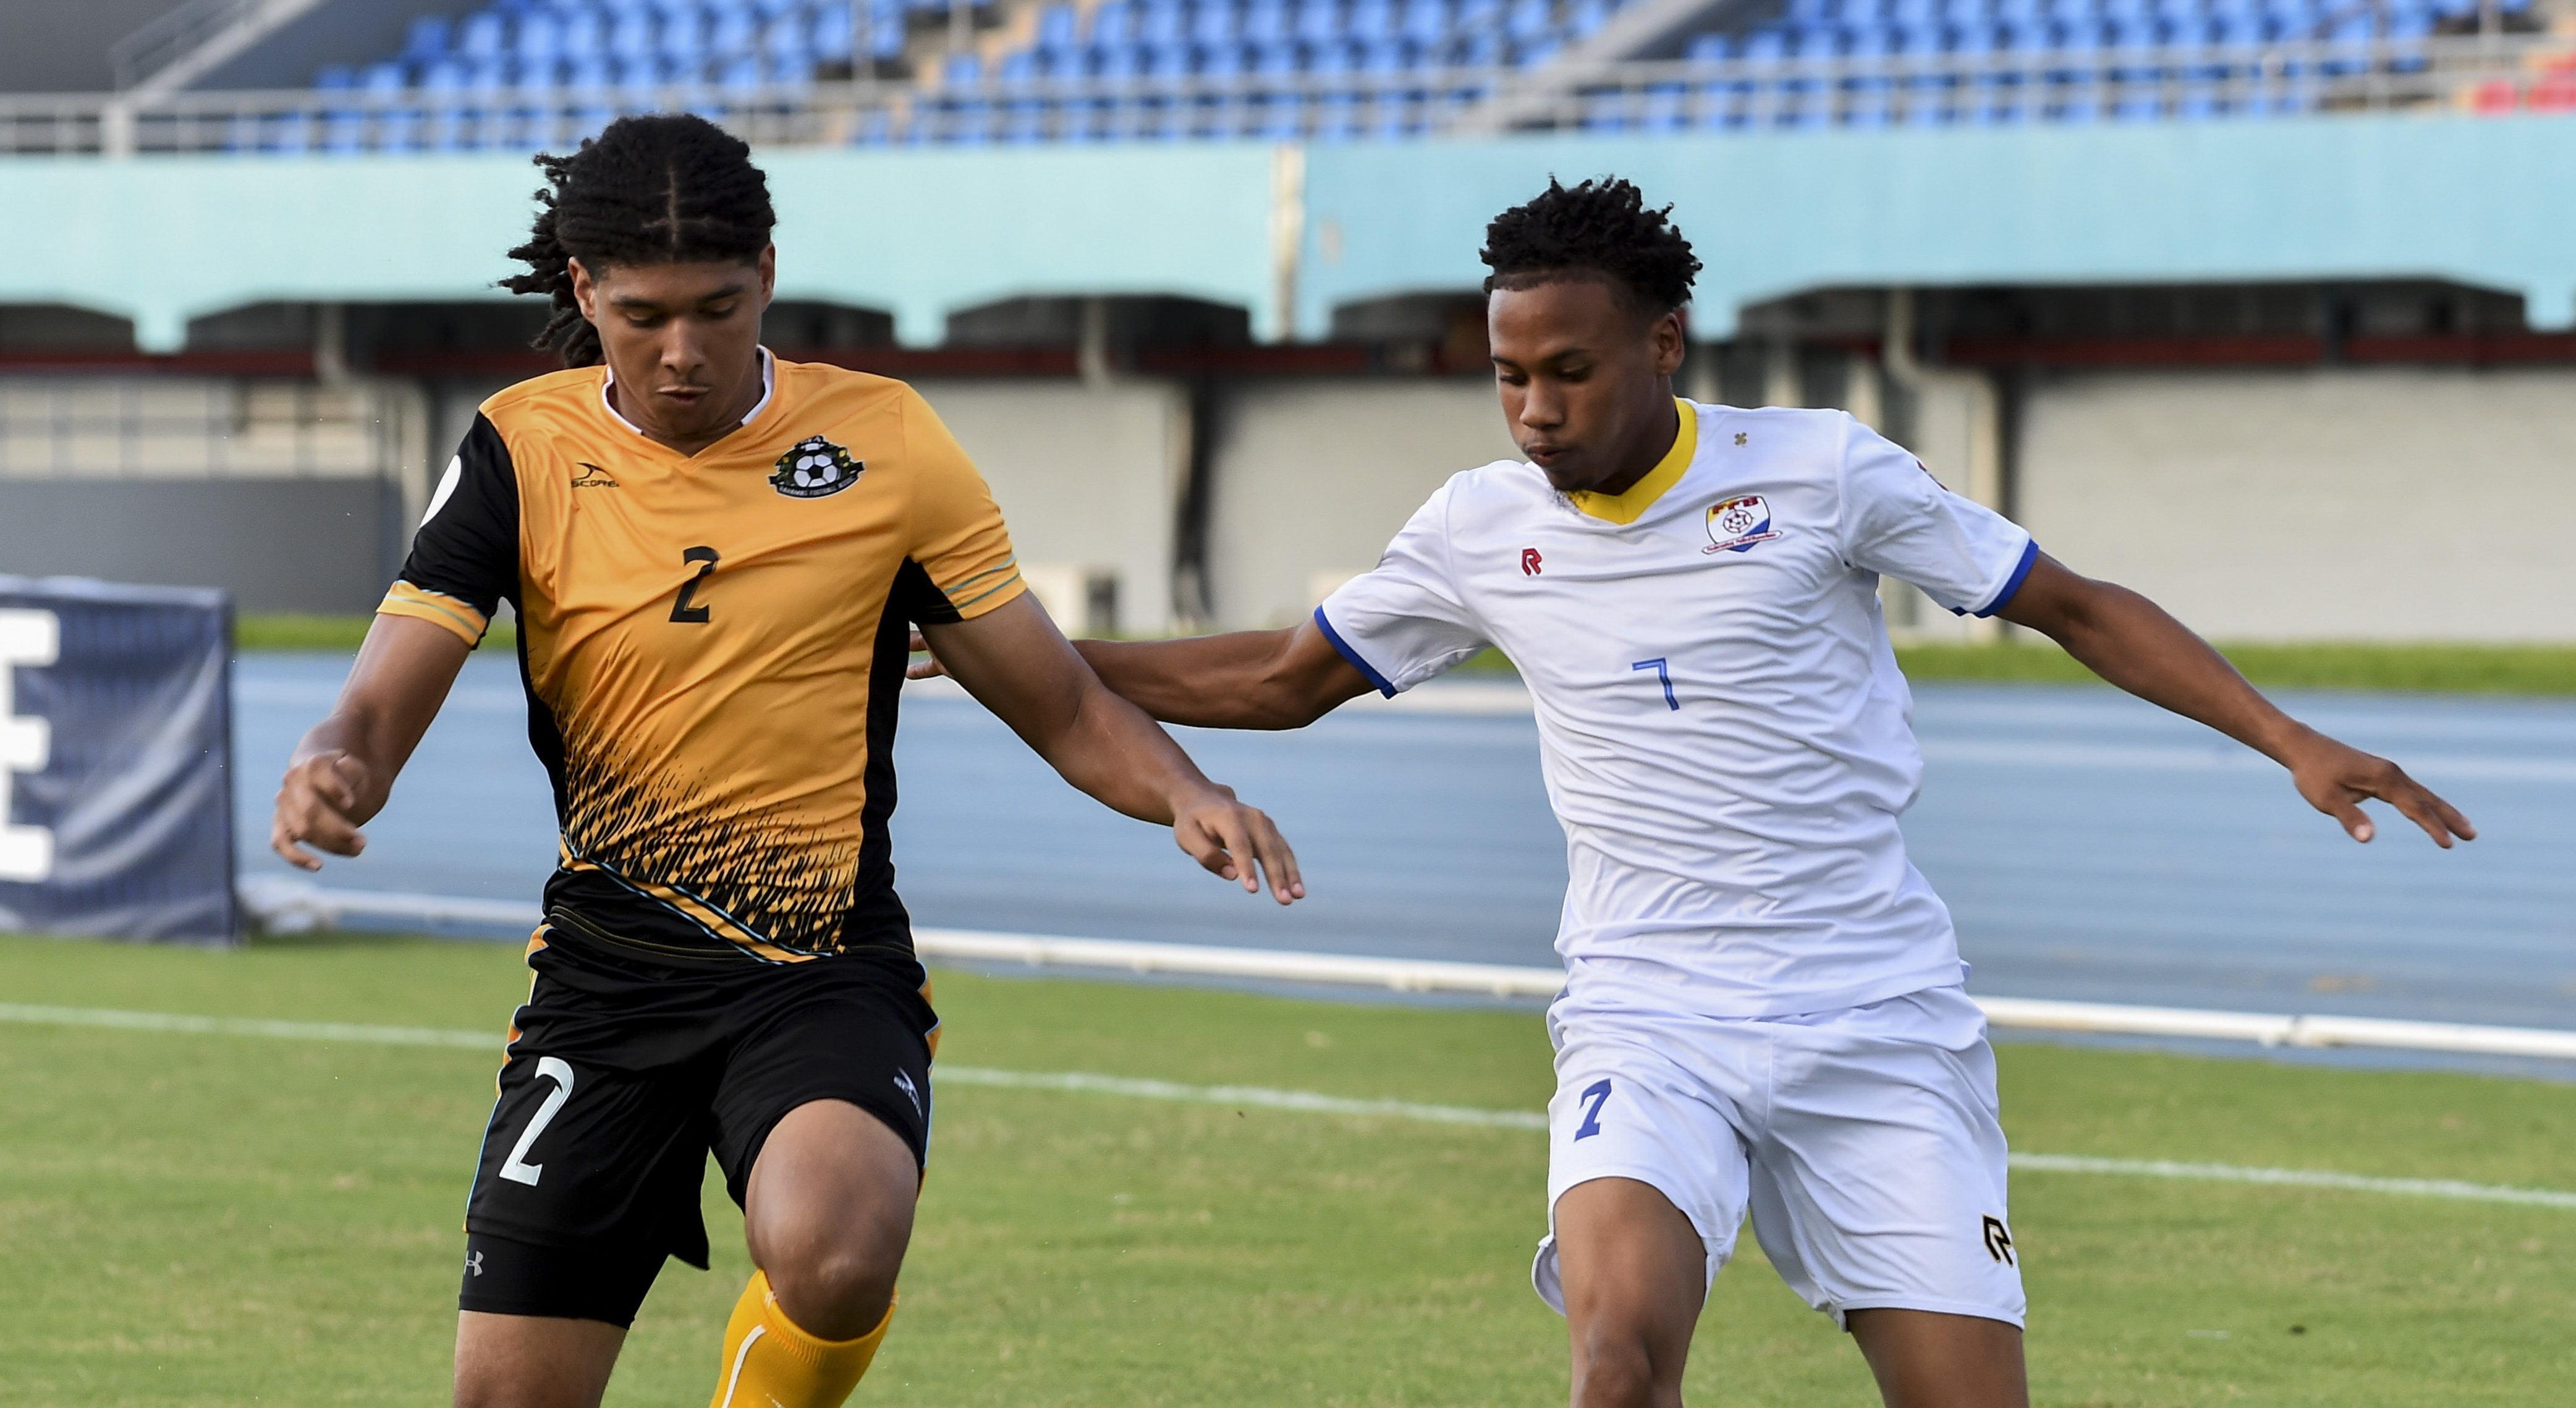 Bahamas tops BVI 4-0